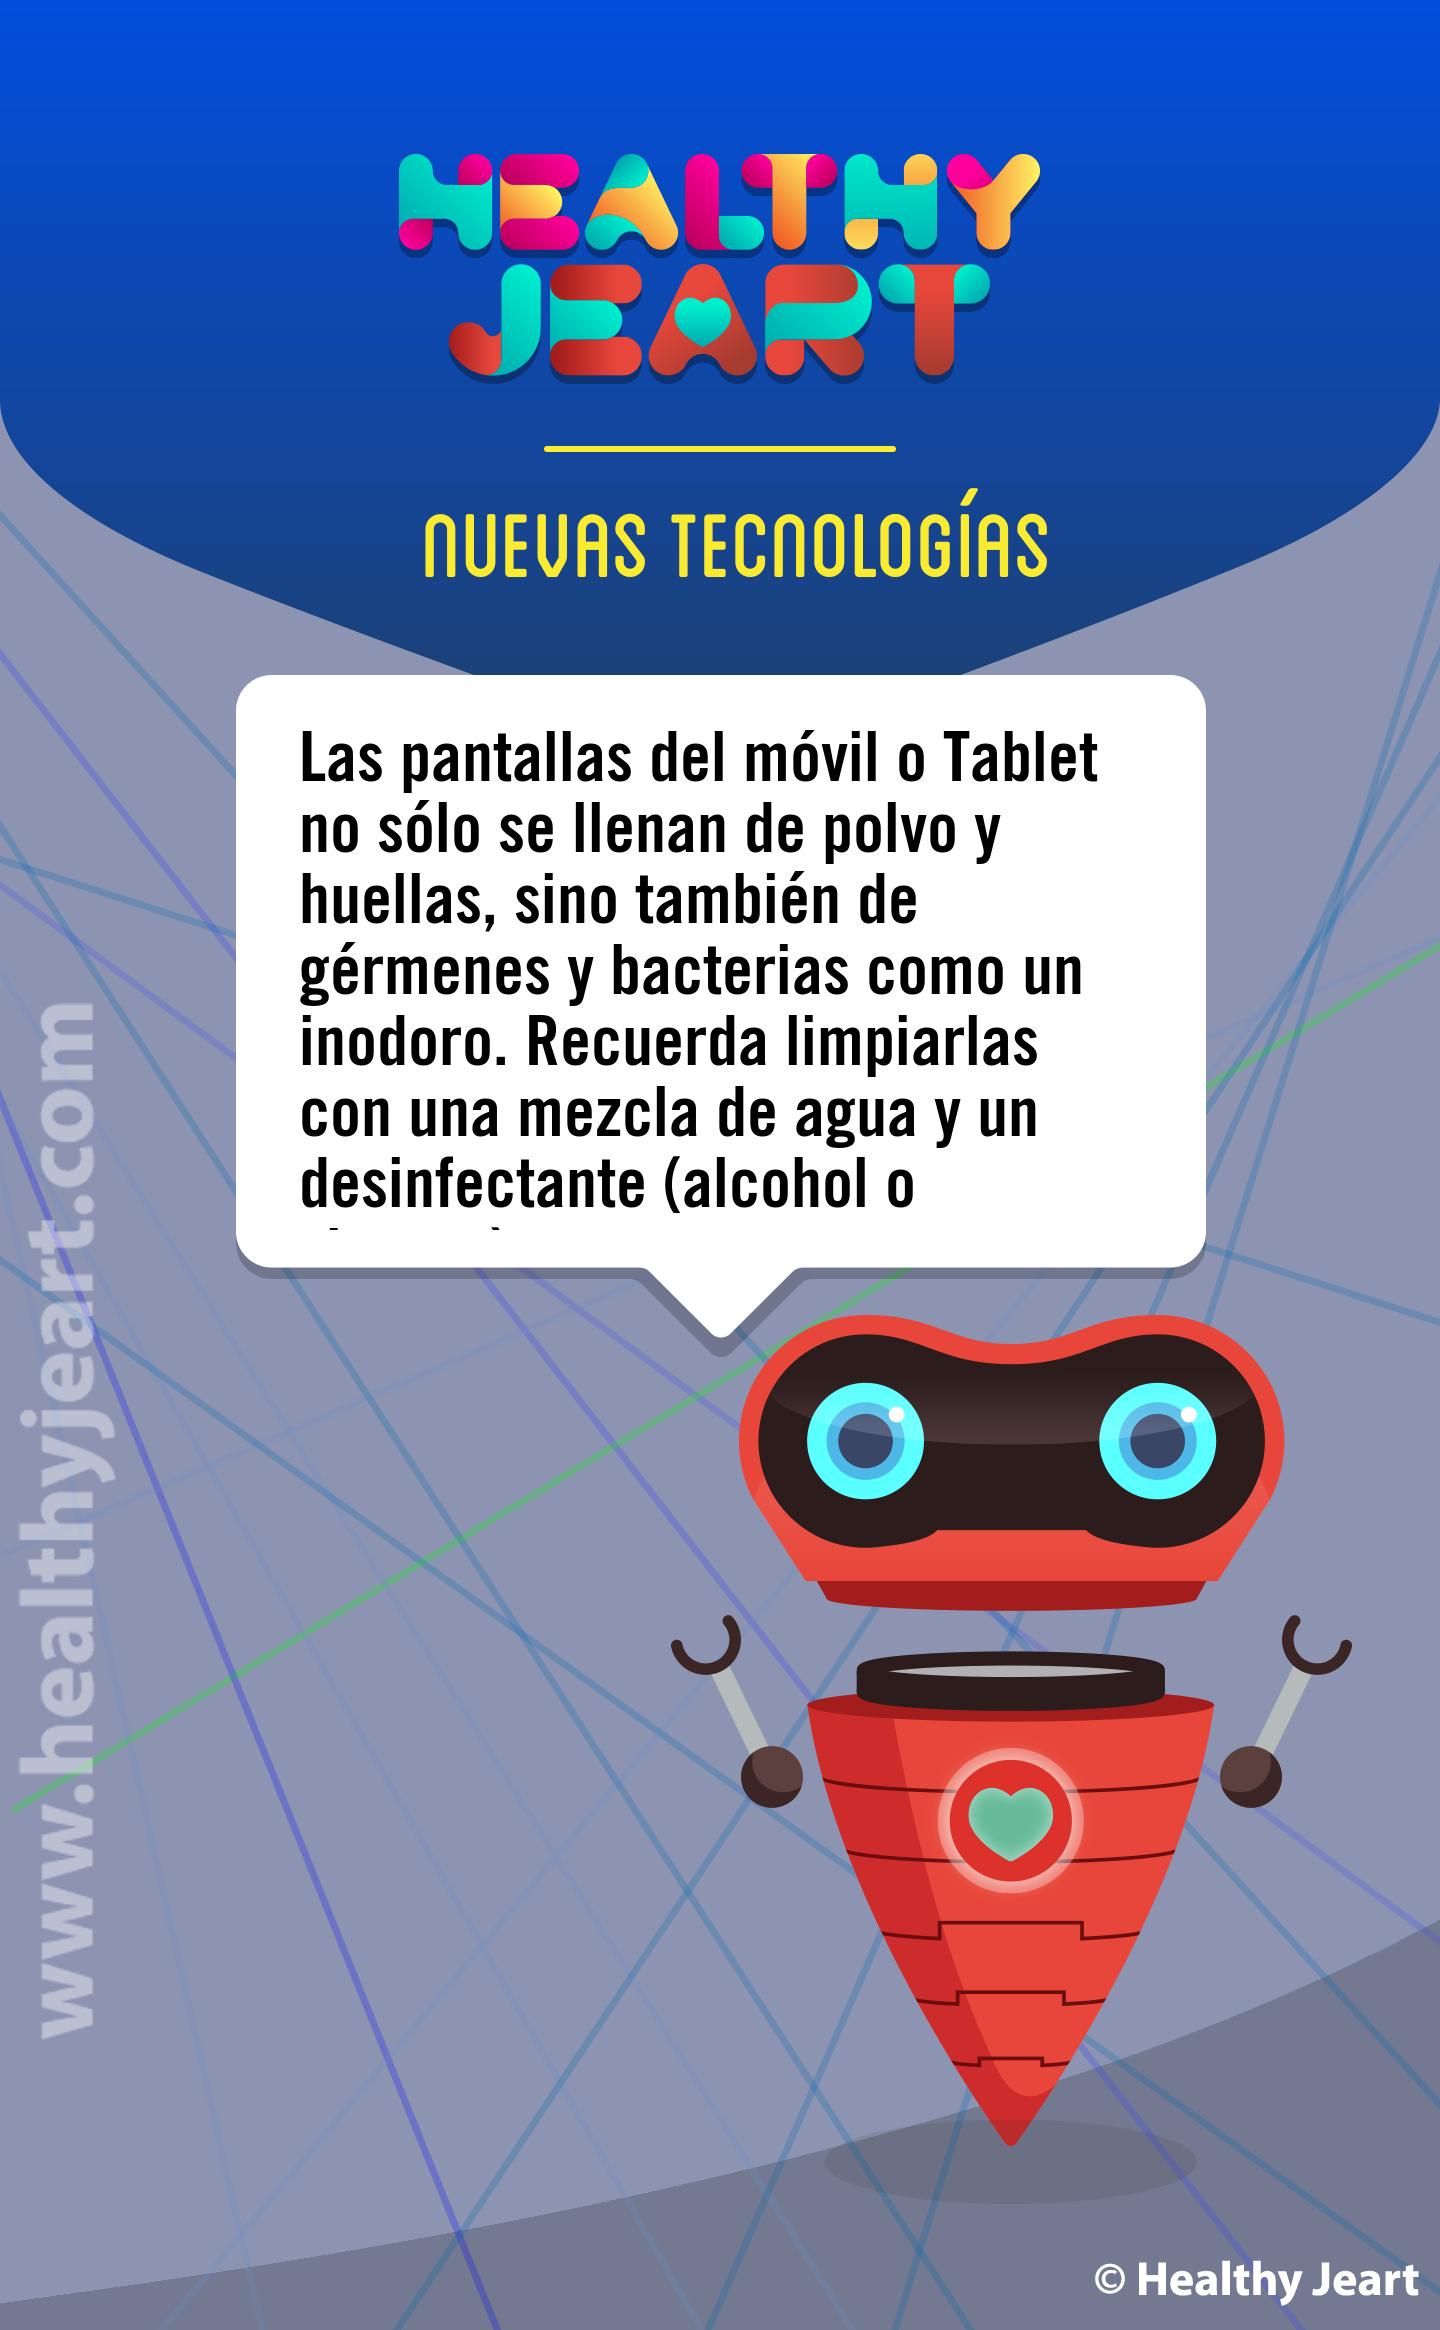 Las pantallas del móvil o Tablet no sólo se llenan de polvo y huellas, sino que también de gérmenes y bacterias como un inodoro. Recuerda limpiarlas con una mezcla de agua y un desinfectante